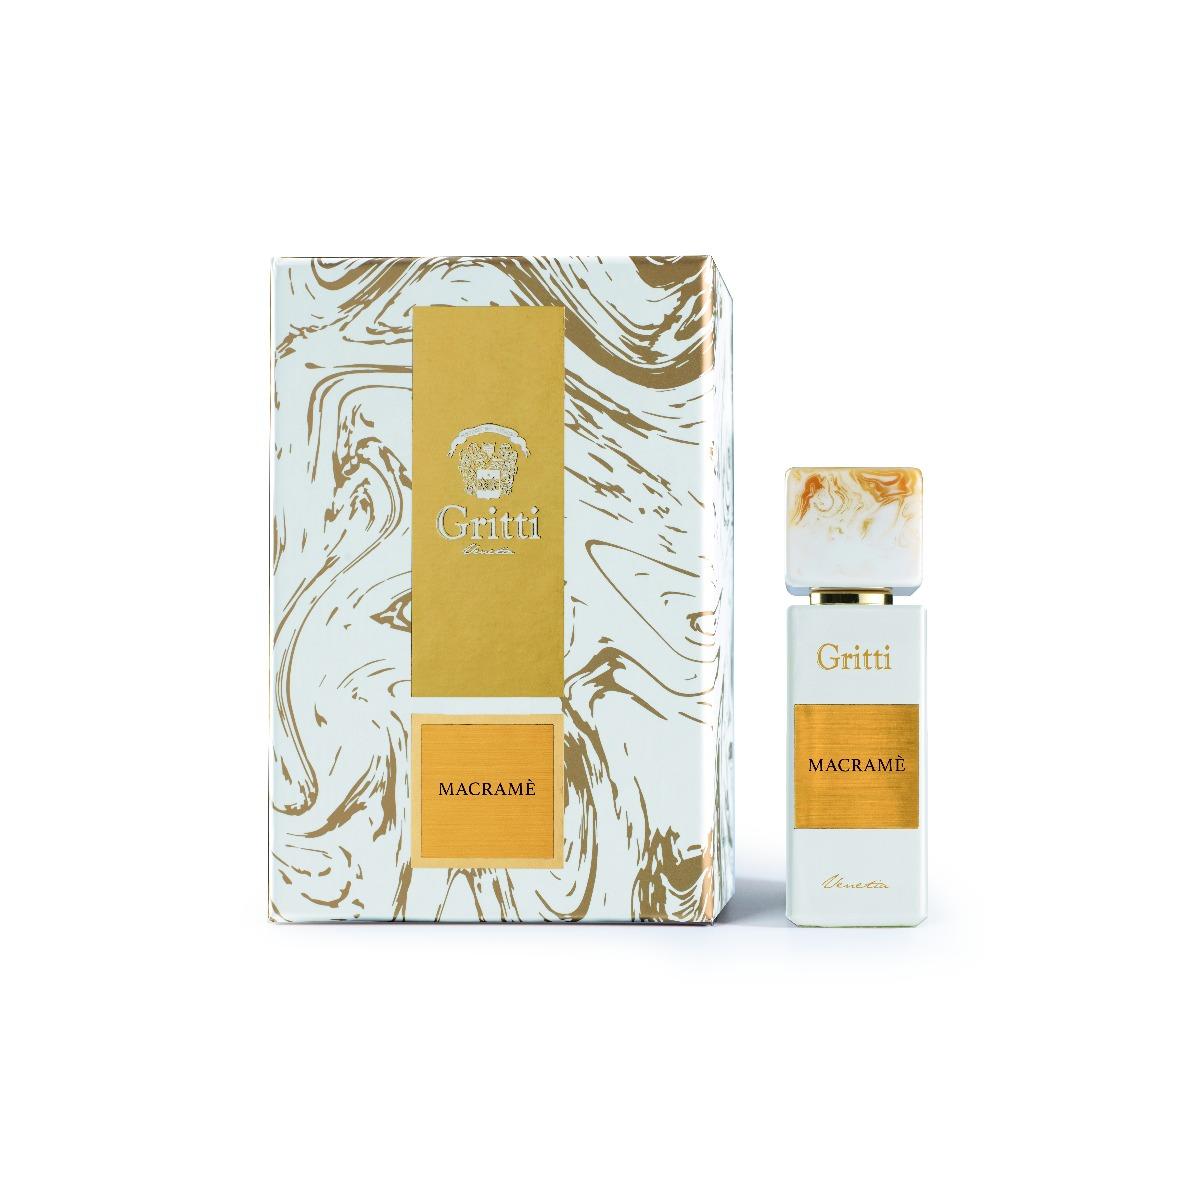 Gritti - Macramé - White Kollektion - Eau de Parfum 100 ml